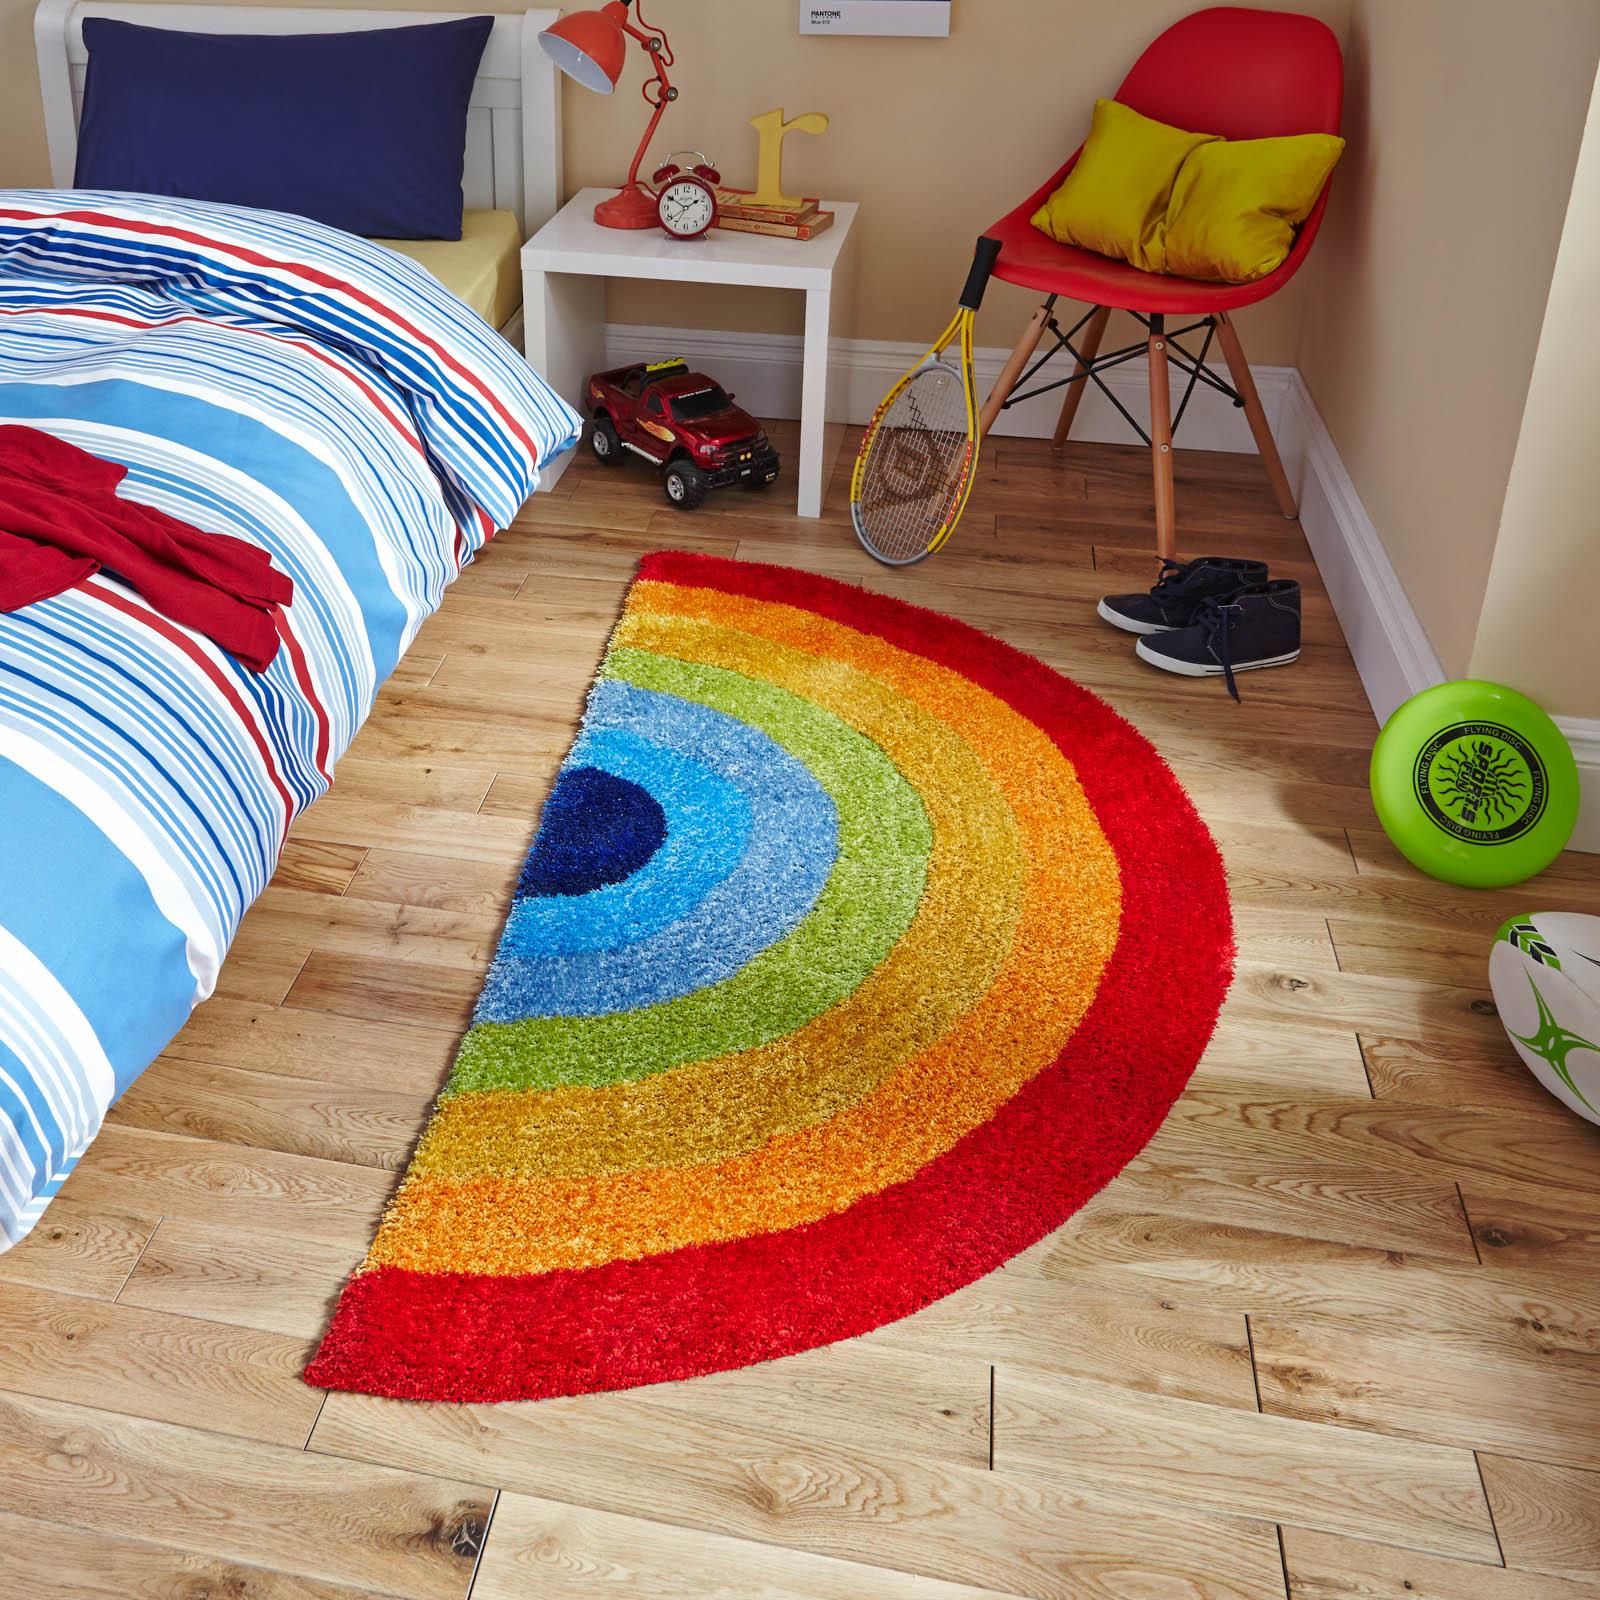 Kid rugs ikea kid rugs trendy kids roomcozy lussy bloom rug cozy PKSXHYH